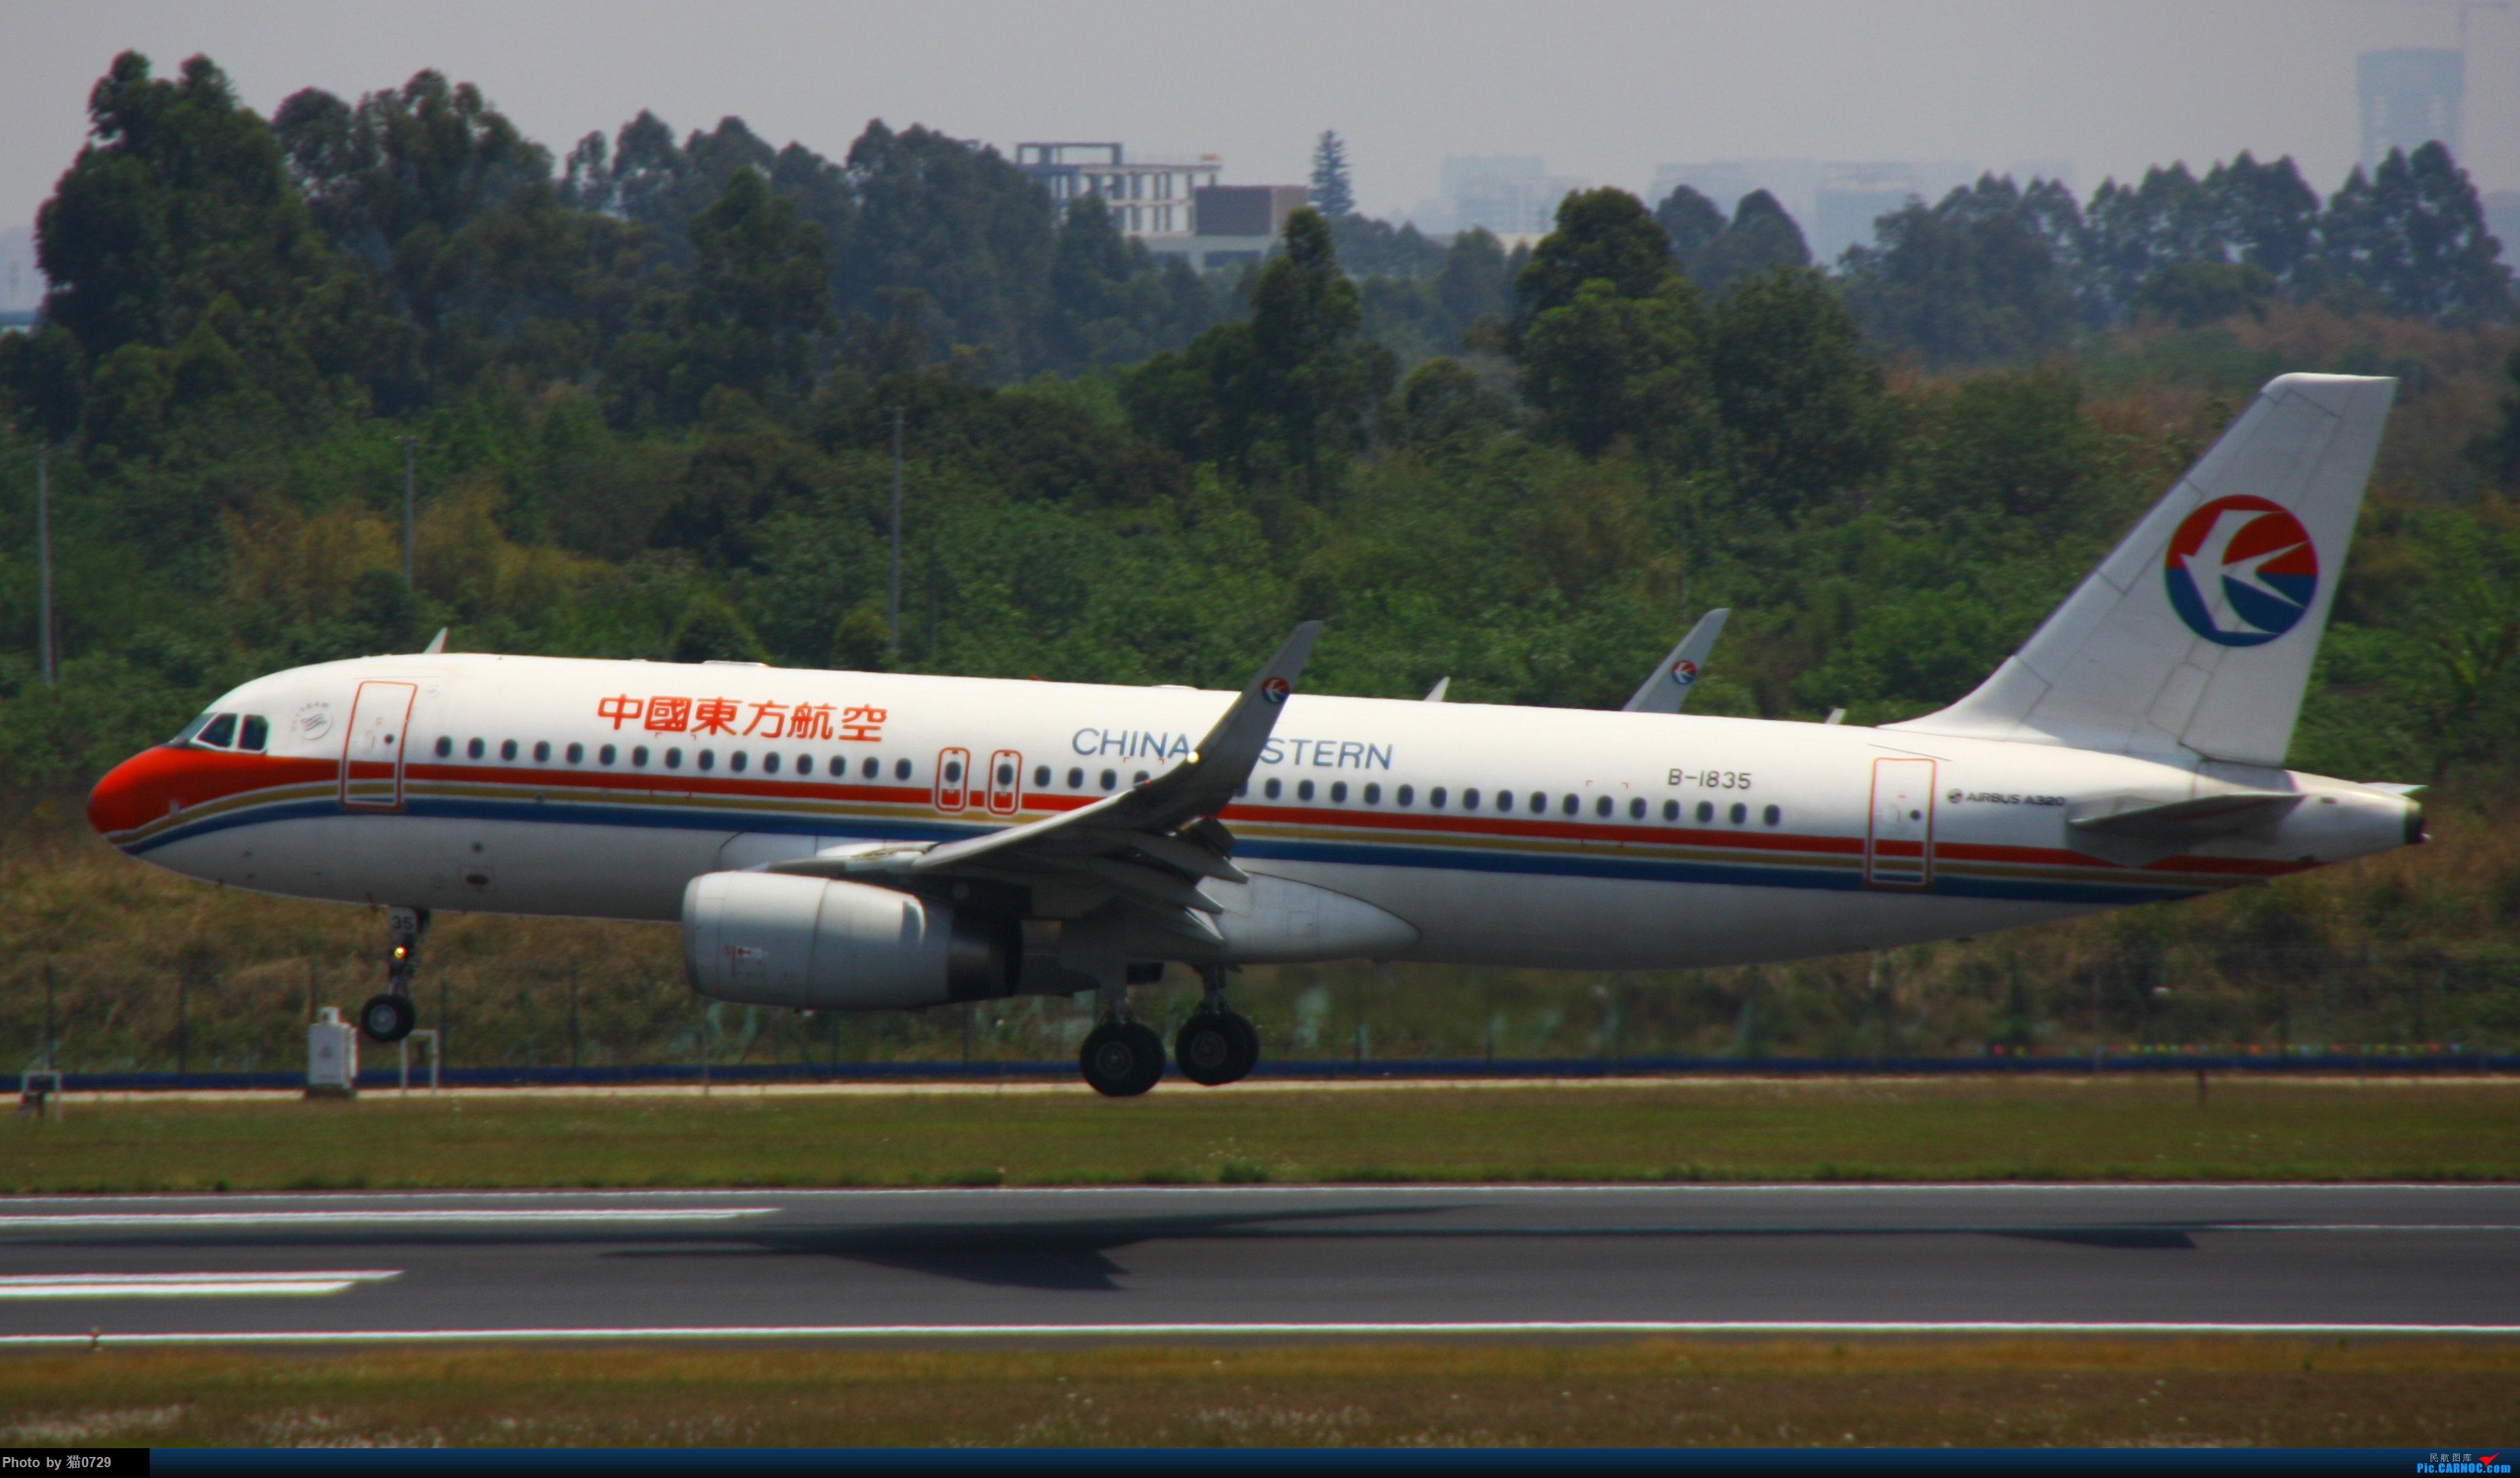 Re:[原创]跑道洞两右,气温三拐,六点五小时坚守双流 AIRBUS A320-200 B-1835 中国成都双流国际机场